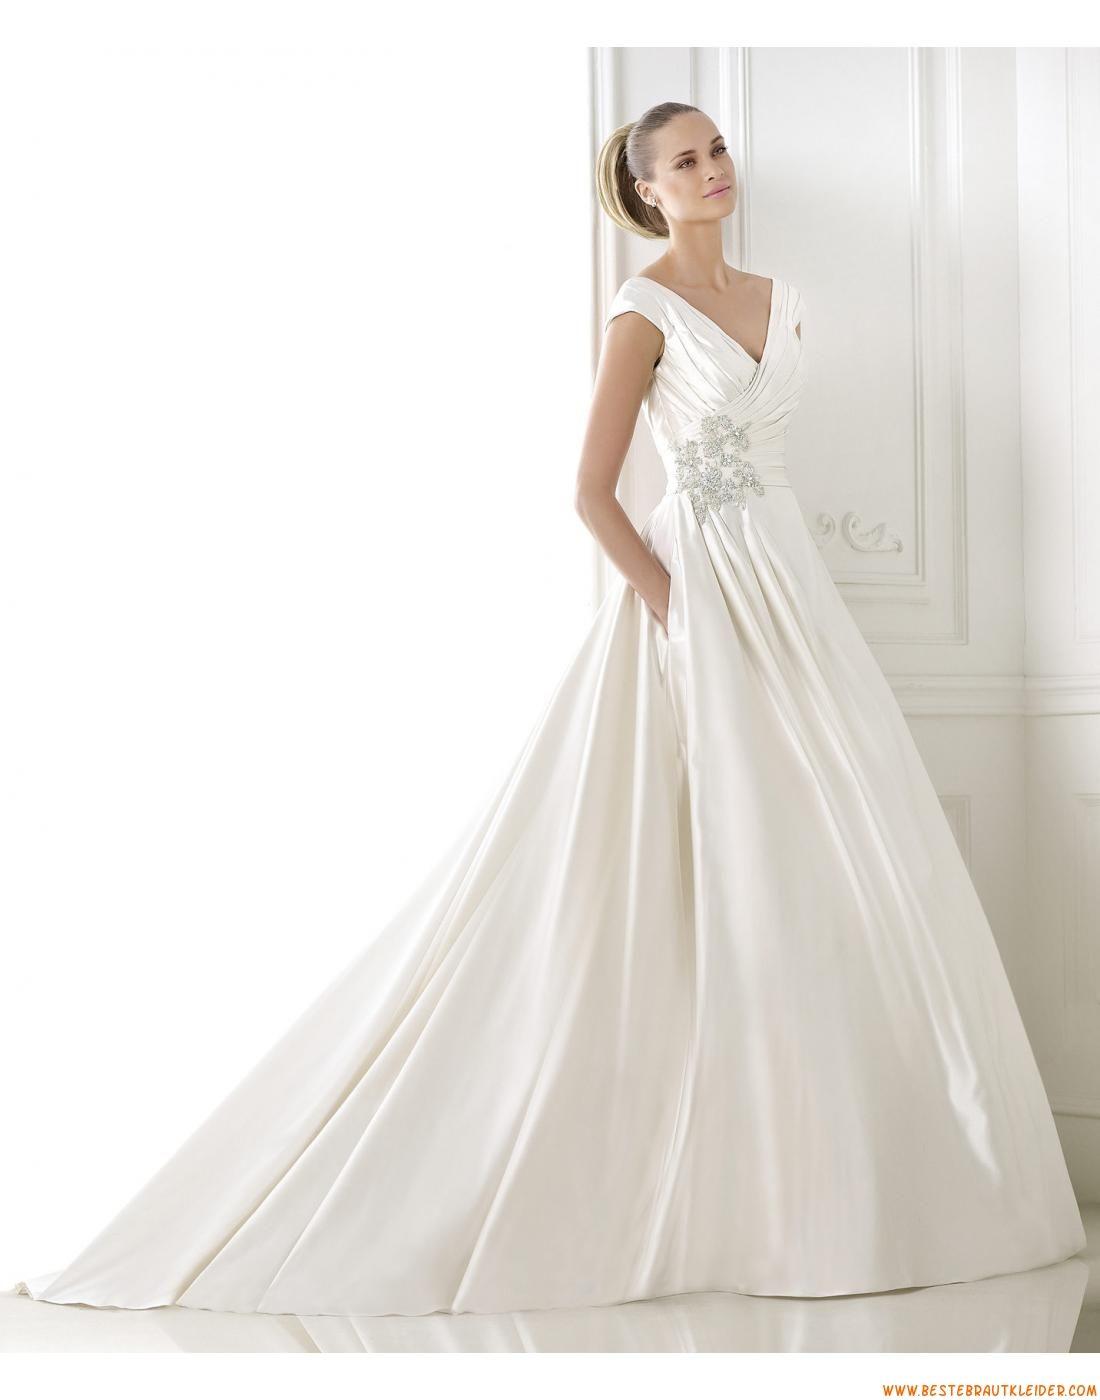 Brautkleider kaufen wien